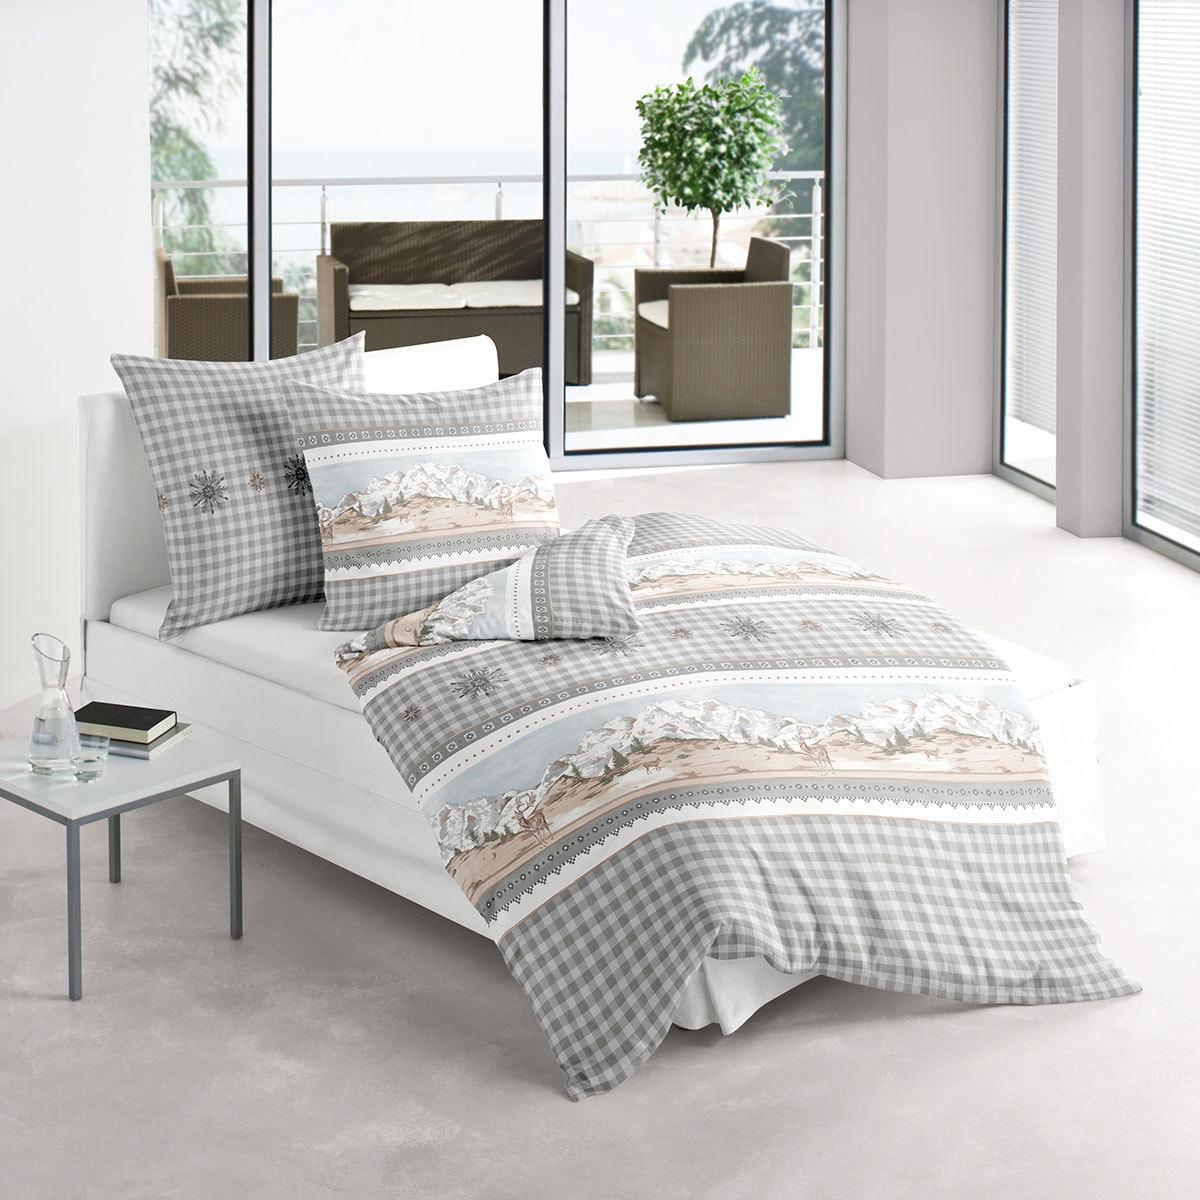 irisette biber bettw sche davos 8634 11 g nstig online kaufen bei bettwaren shop. Black Bedroom Furniture Sets. Home Design Ideas